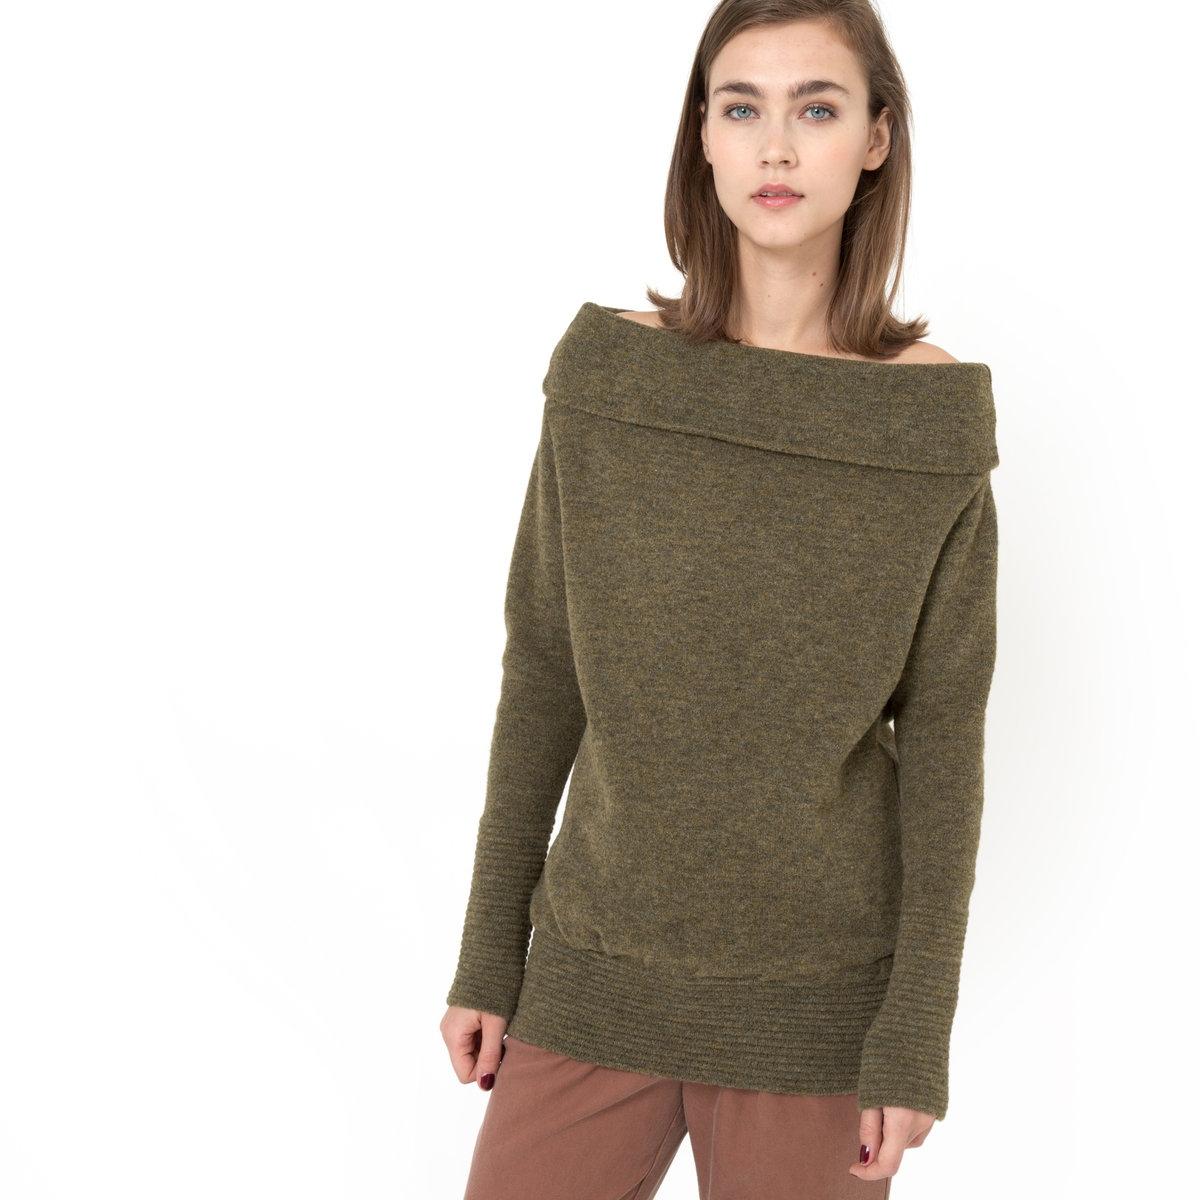 Пуловер с круглым воротником и спущенными плечами, с длинными рукавами, LAURAПуловер с длинными рукавами LAURA - GAT RIMON. Теплый и приятный на ощупь пуловер с круглым драпированным воротником и спущенными плечами  . Рукава реглан с оригинальной отделкой ластик. Строчка в тон . 68% акрила, 30% полиамида, 2% эластана.<br><br>Цвет: хаки